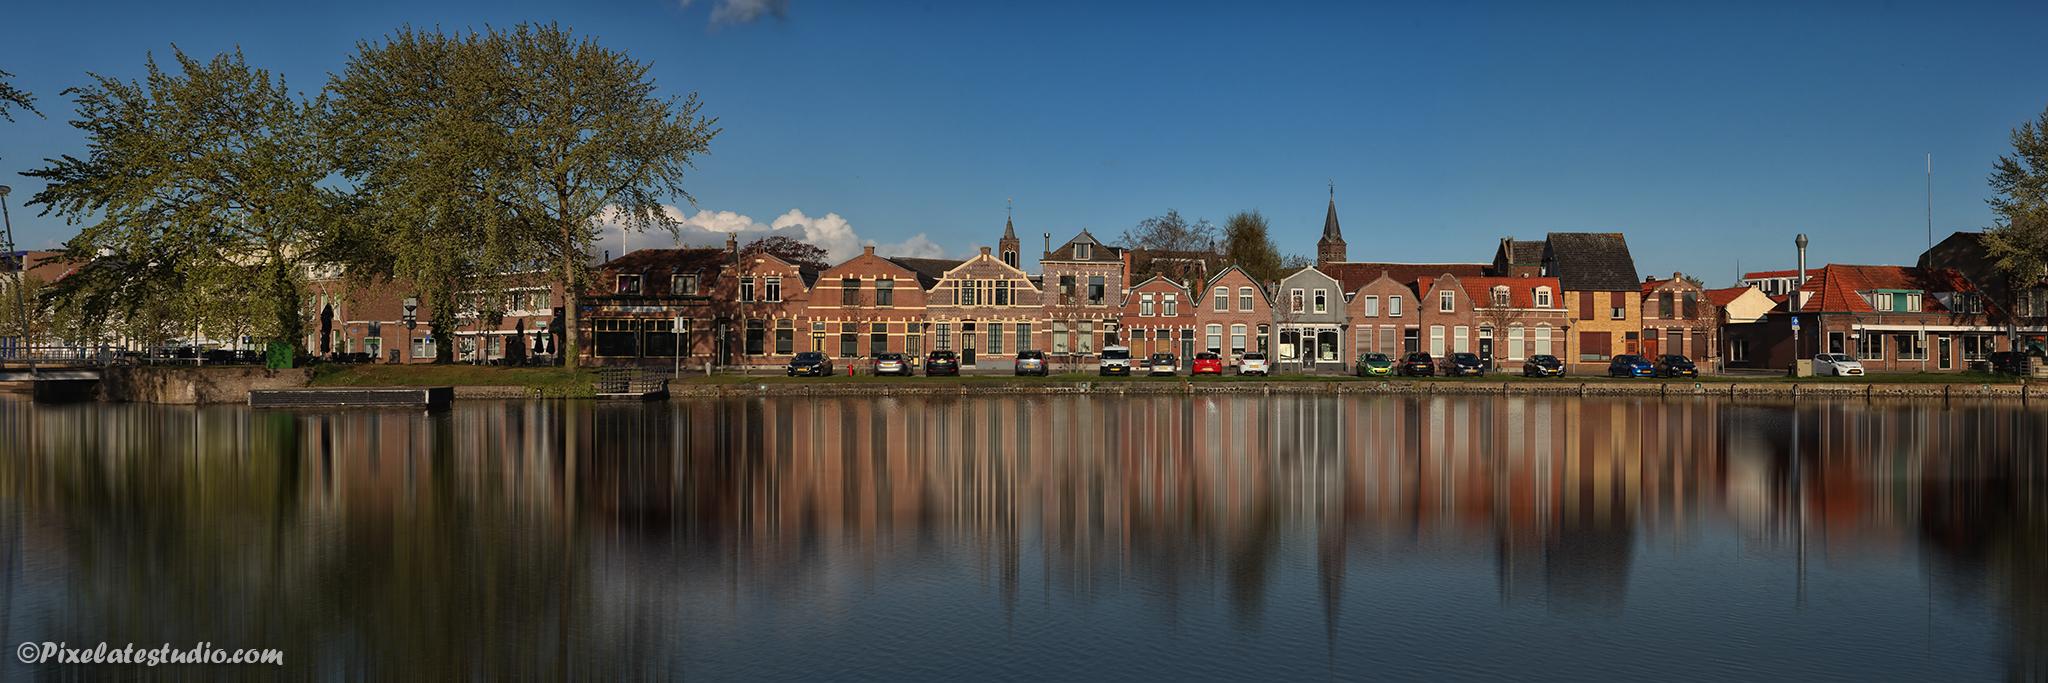 foto van De Blokken in Terneuzen , mooie foto van Terneuzen, panorama foto